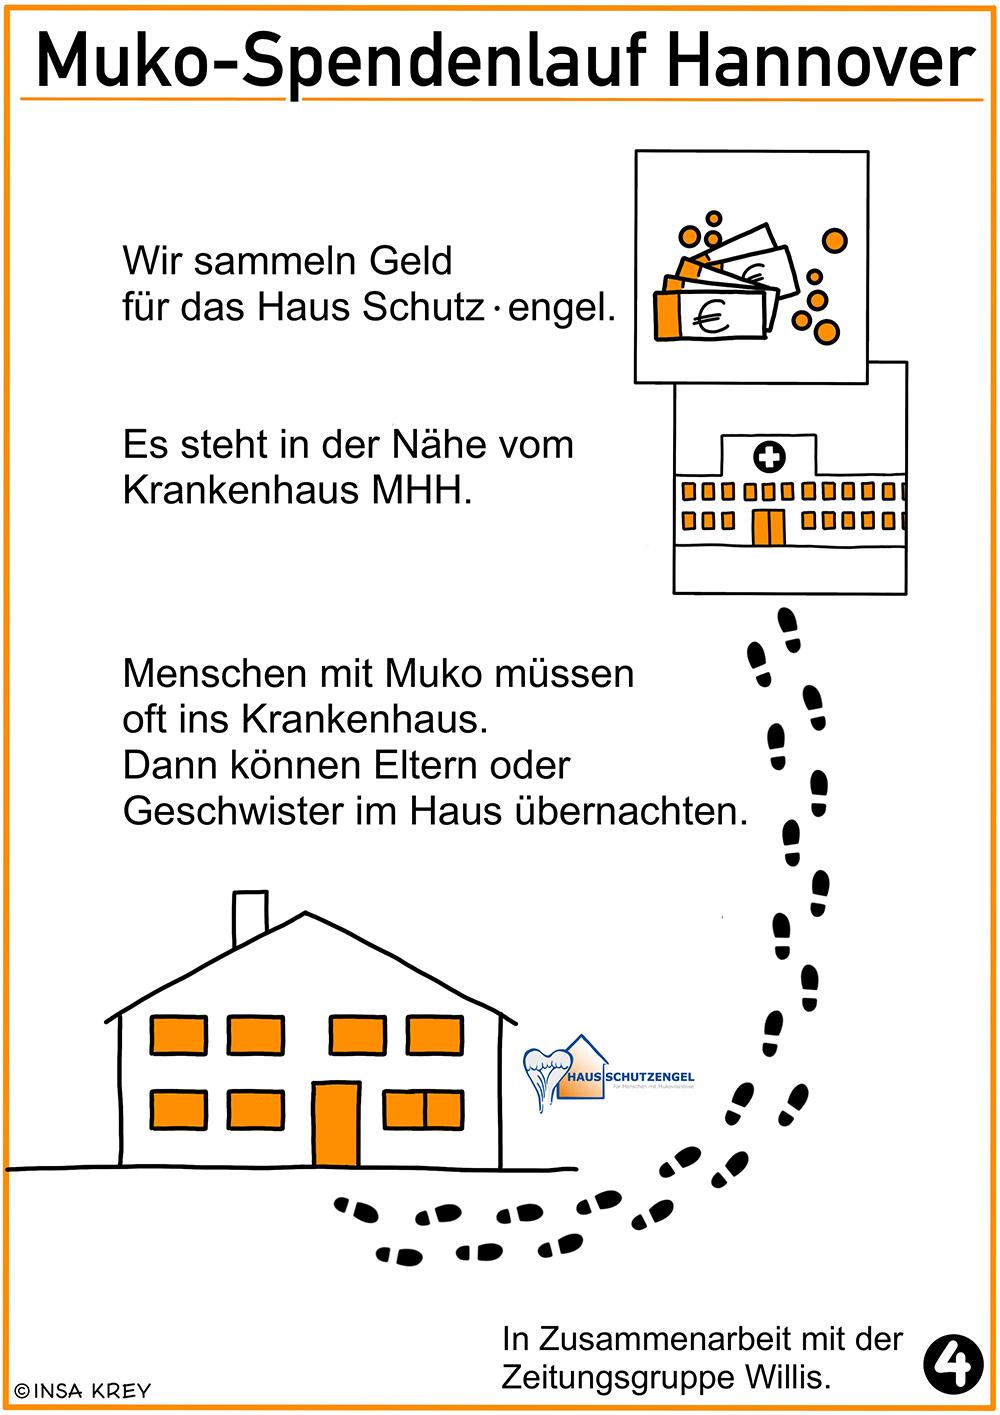 Texte und Bilder in einfacher Sprache zum Muko-Lauf Hannover - Das Haus Schutzengel